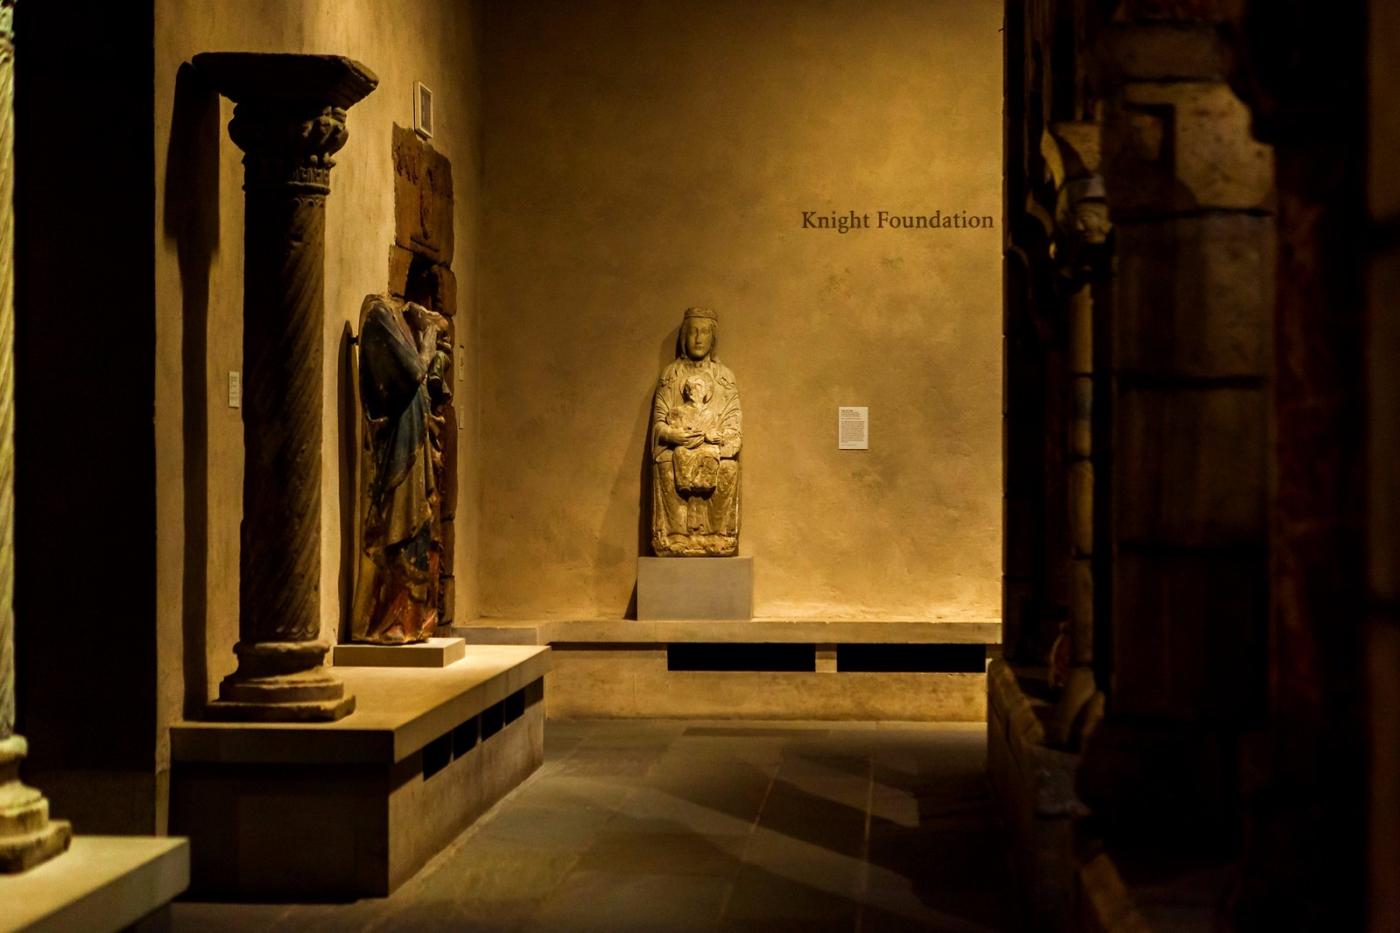 费城艺术馆,光影下的艺术品_图1-4